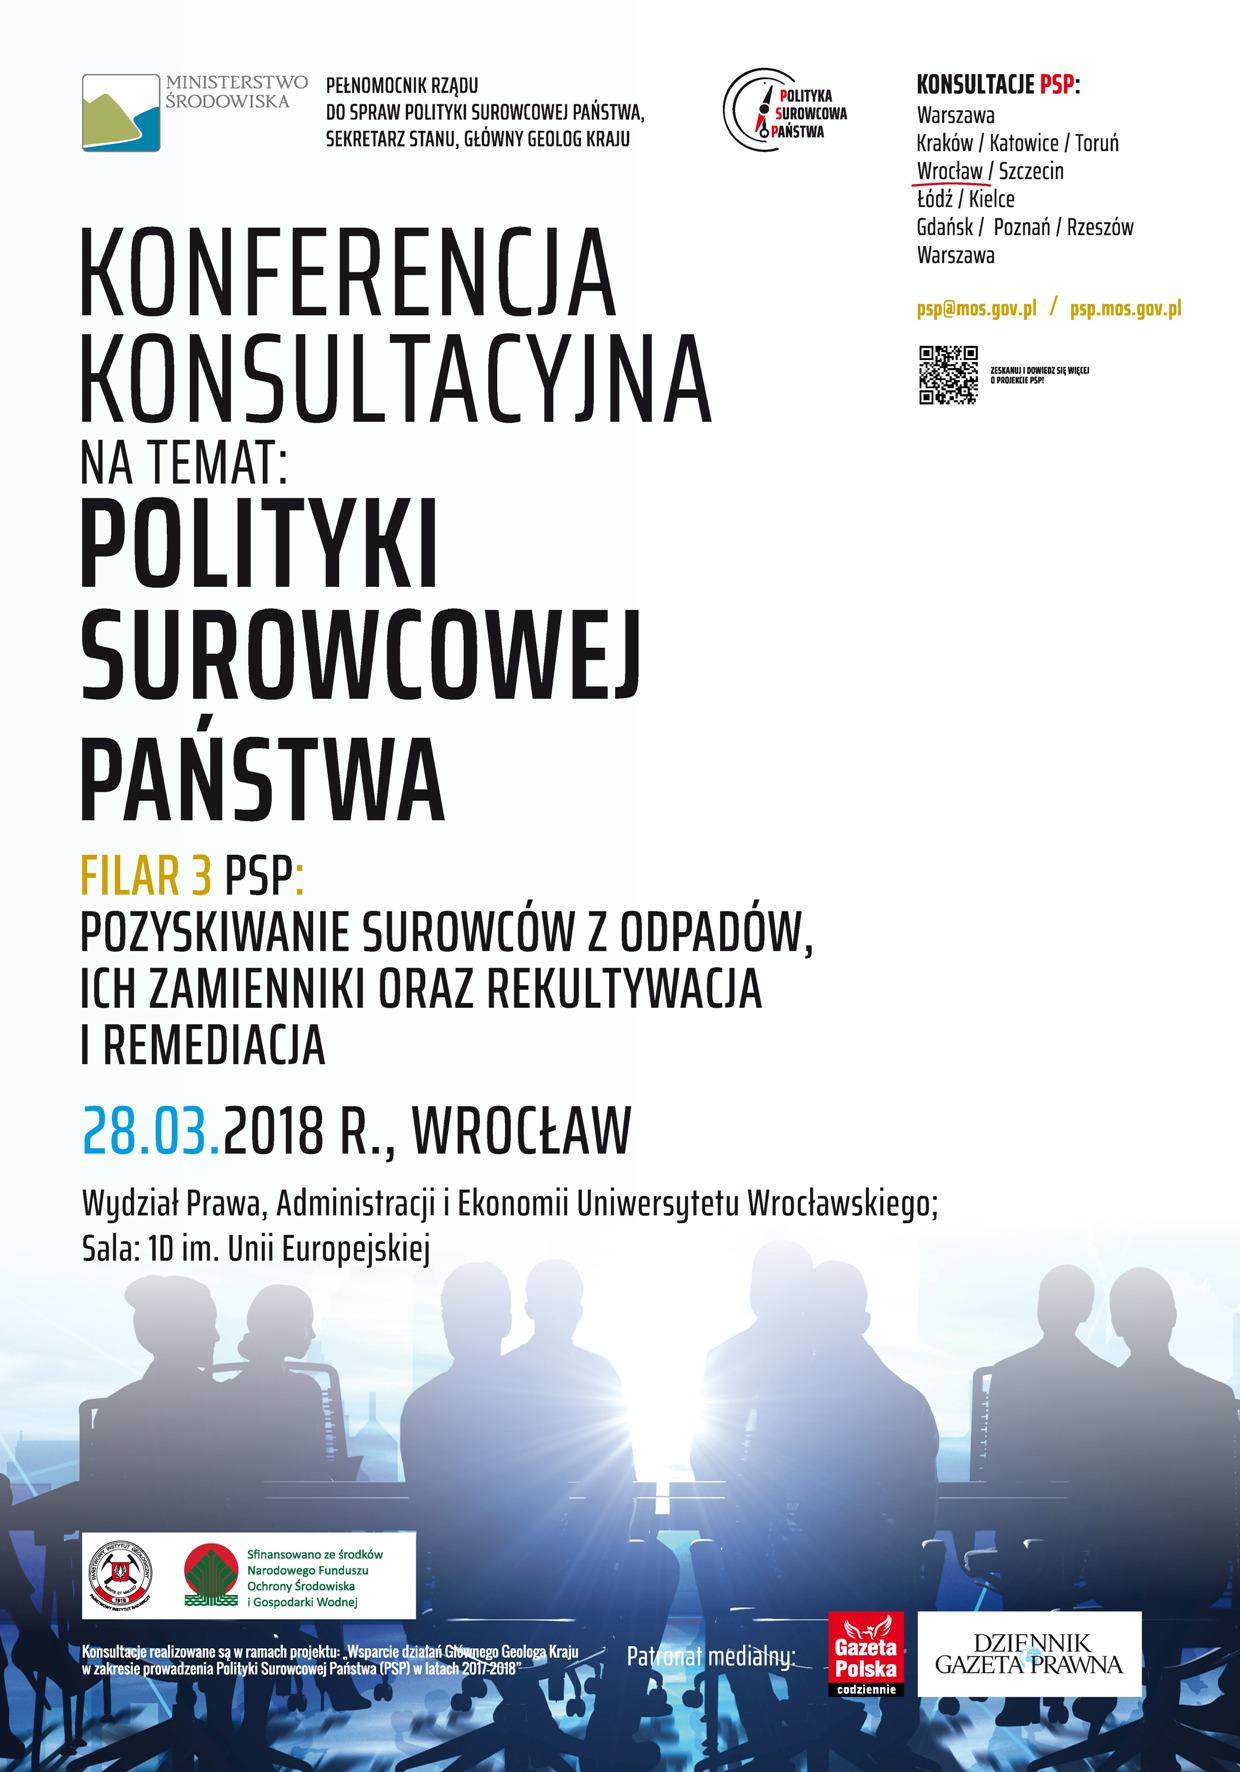 Konferencja konsultacyjna - PSP